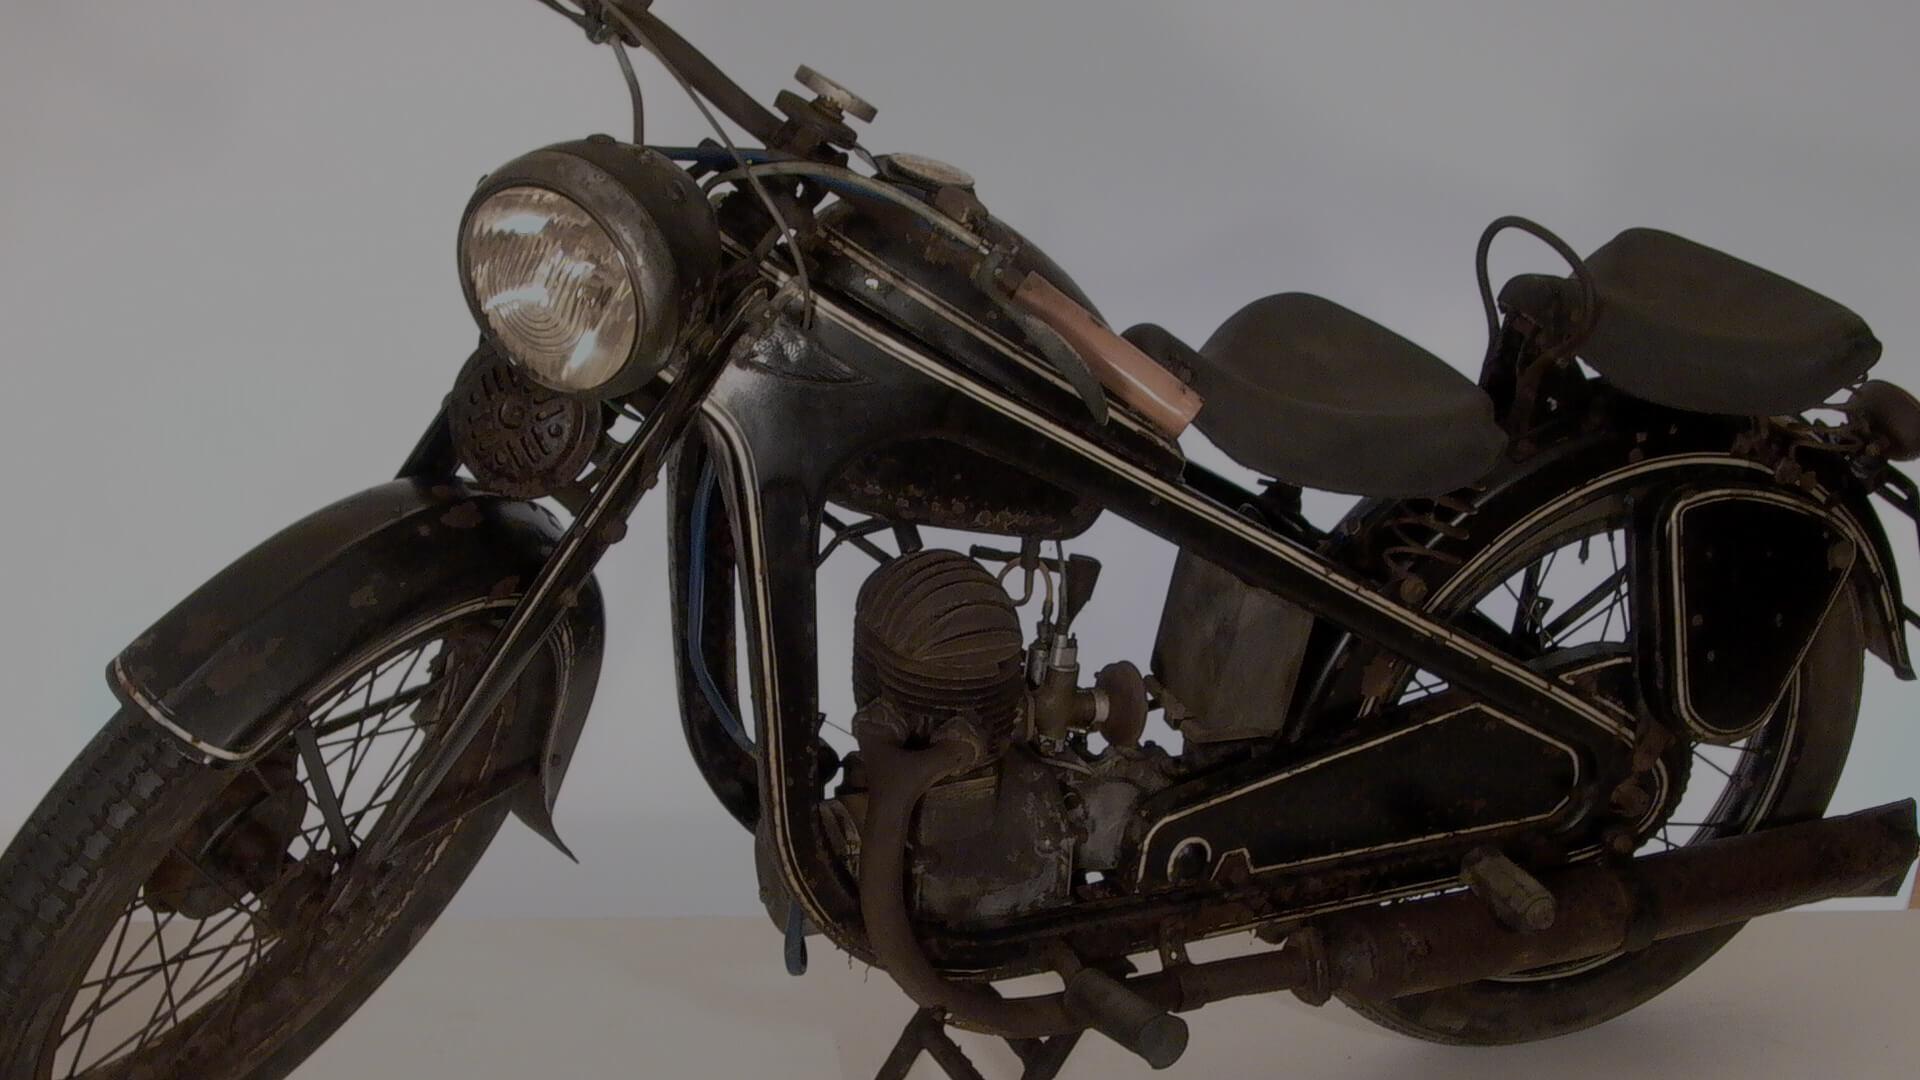 MÉRAY-PUCH 200, 198 cm³, 1940